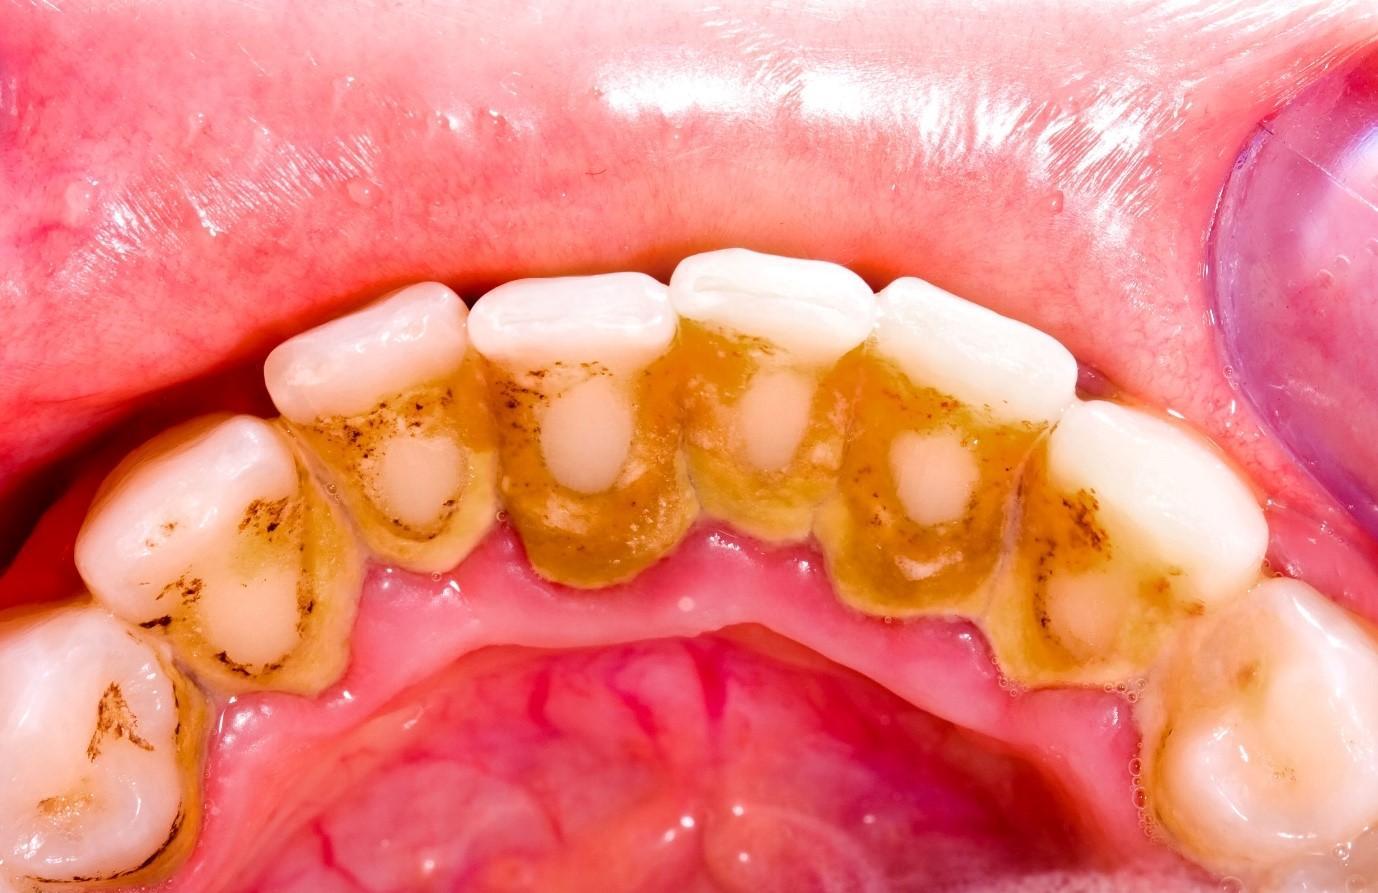 Cao răng là một trong những nguyên nhân gây bệnh ở lợi và quanh răng.